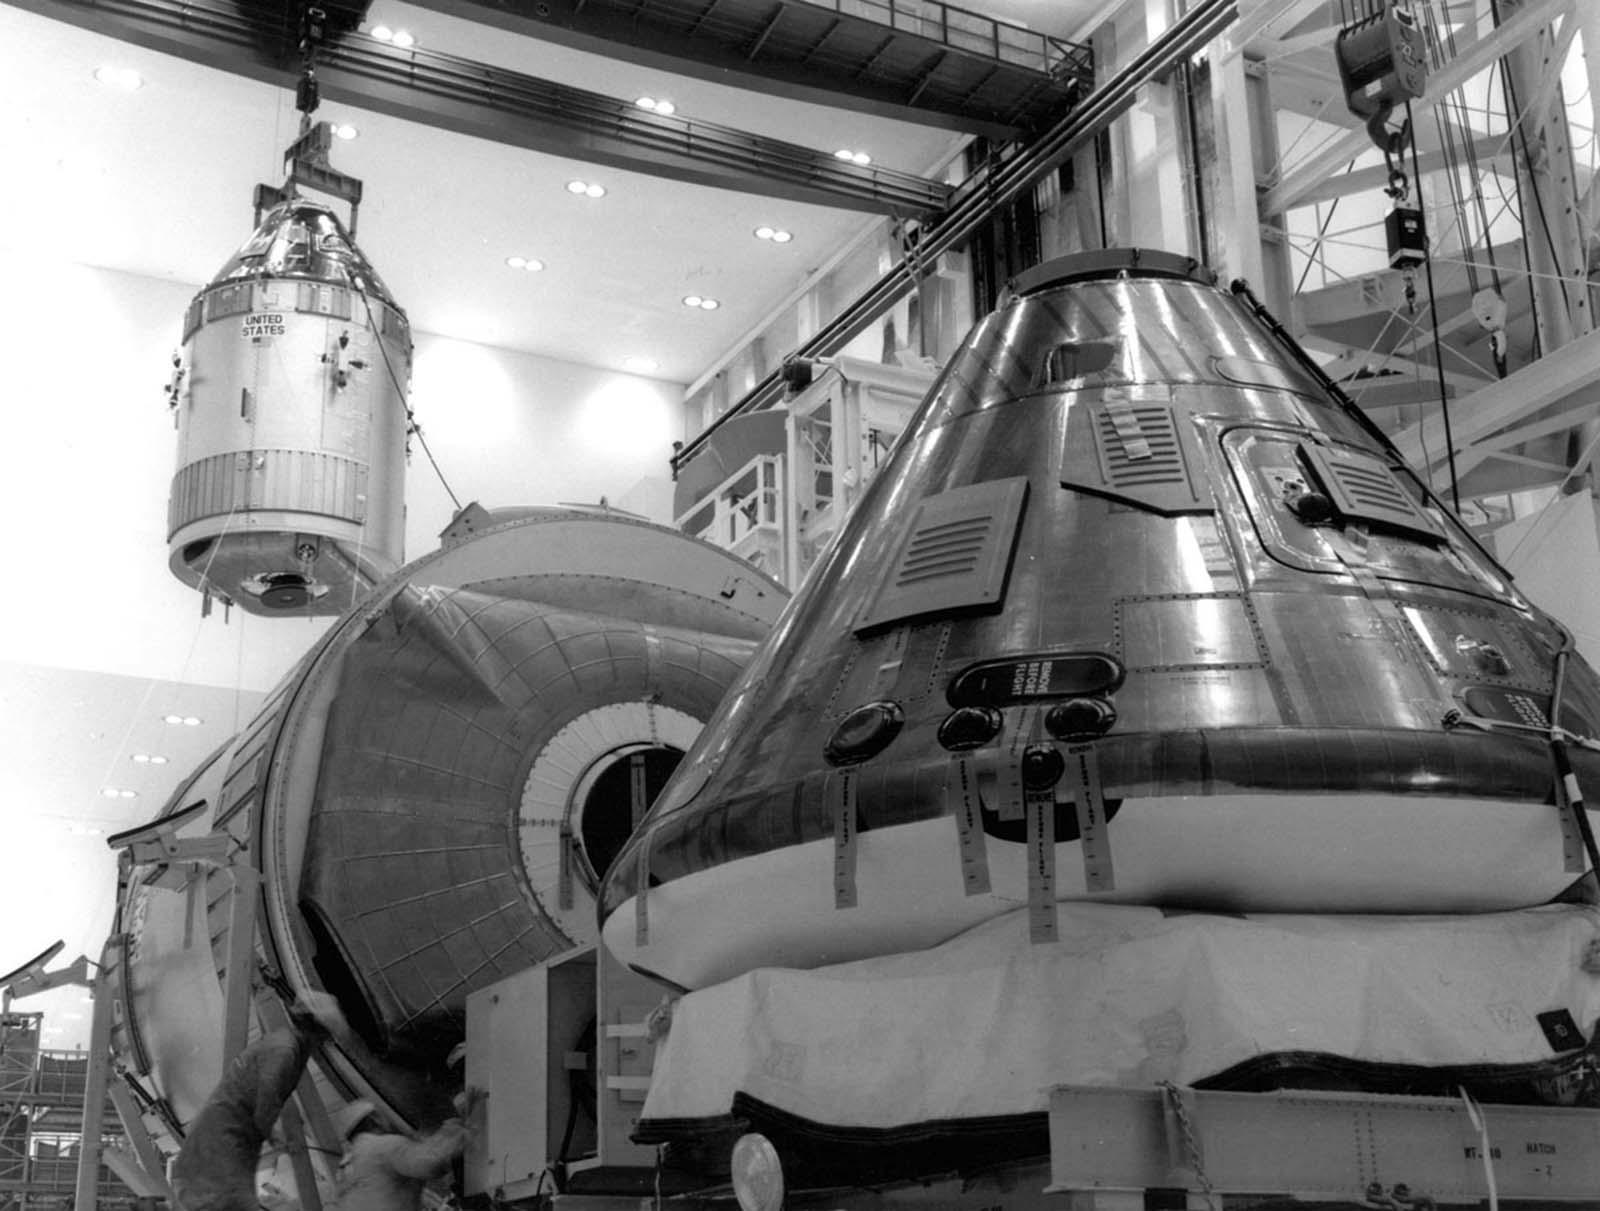 Командный модуль и служебный модуль для миссии «Аполлон-11»